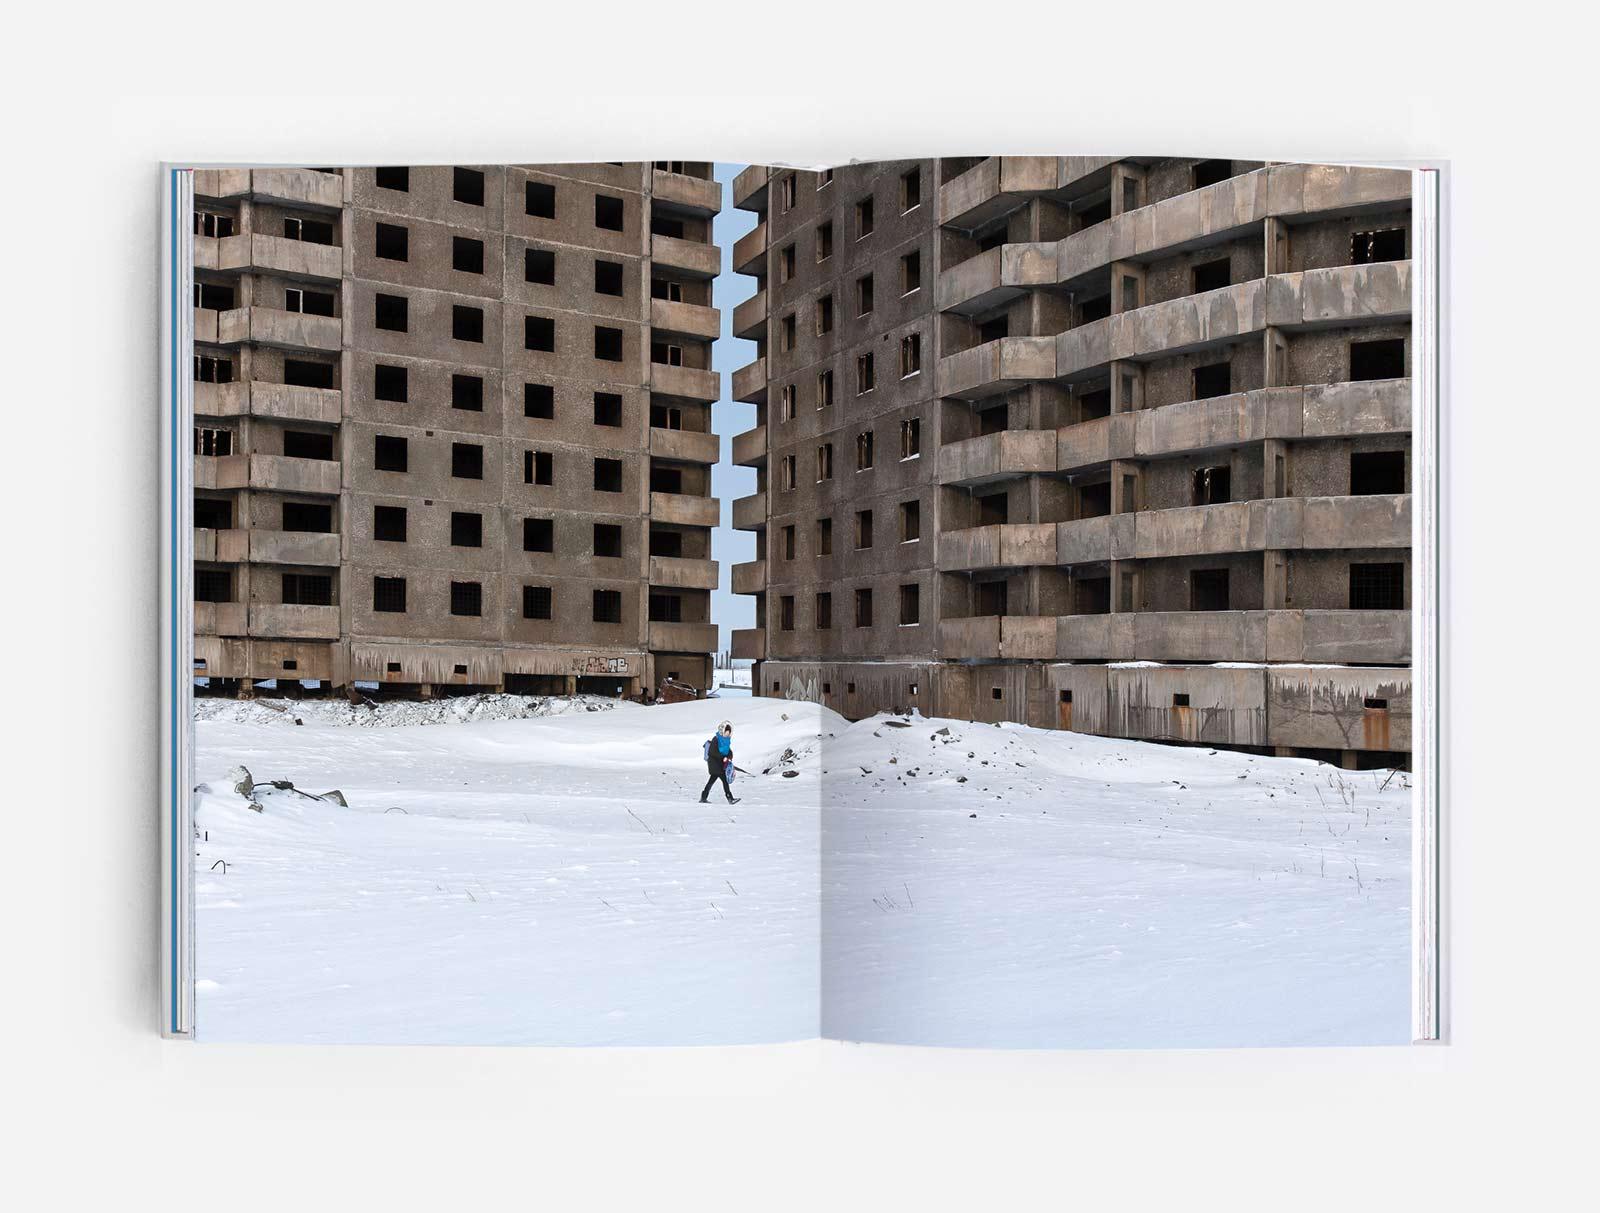 Panelki in Oganer microrayon ofNorilsk (Concrete Siberia, Zupagrafika)